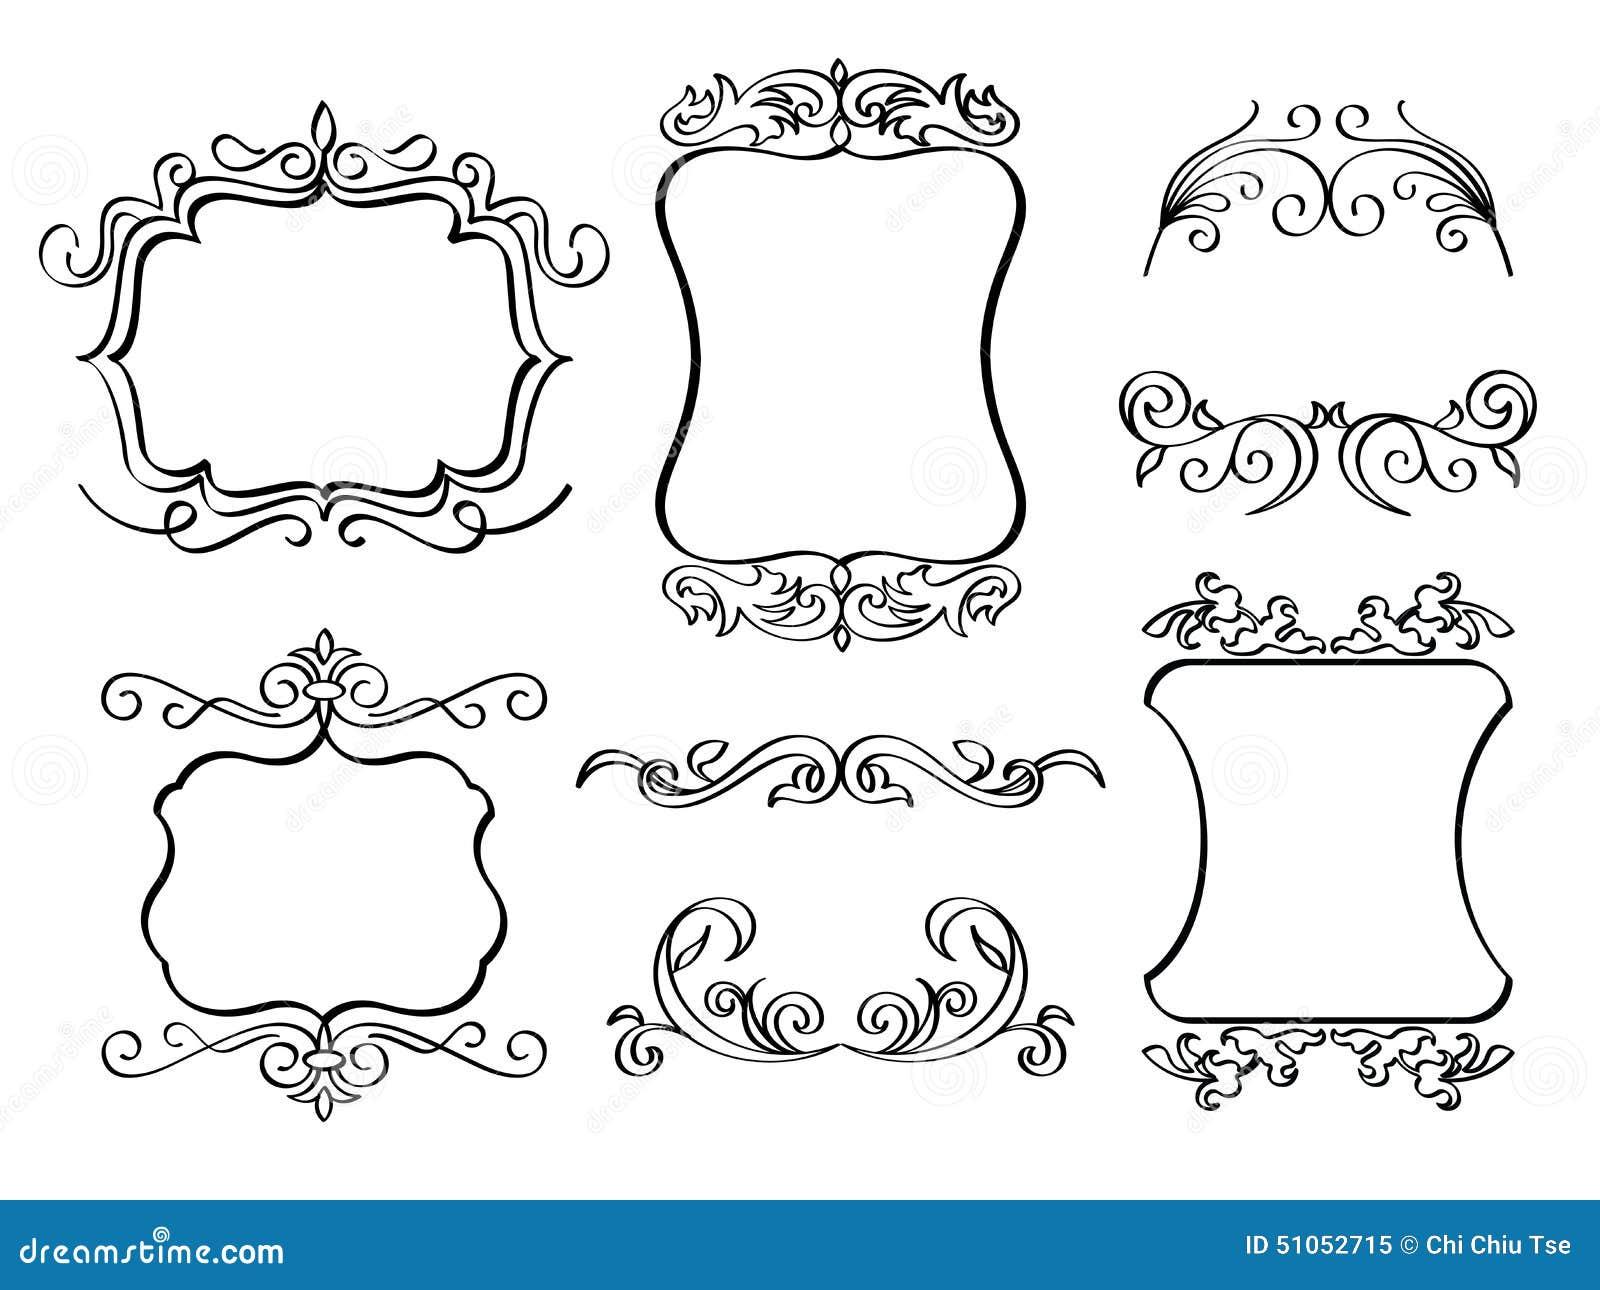 Line Art Frames : Elegant ornate frames stock illustration of